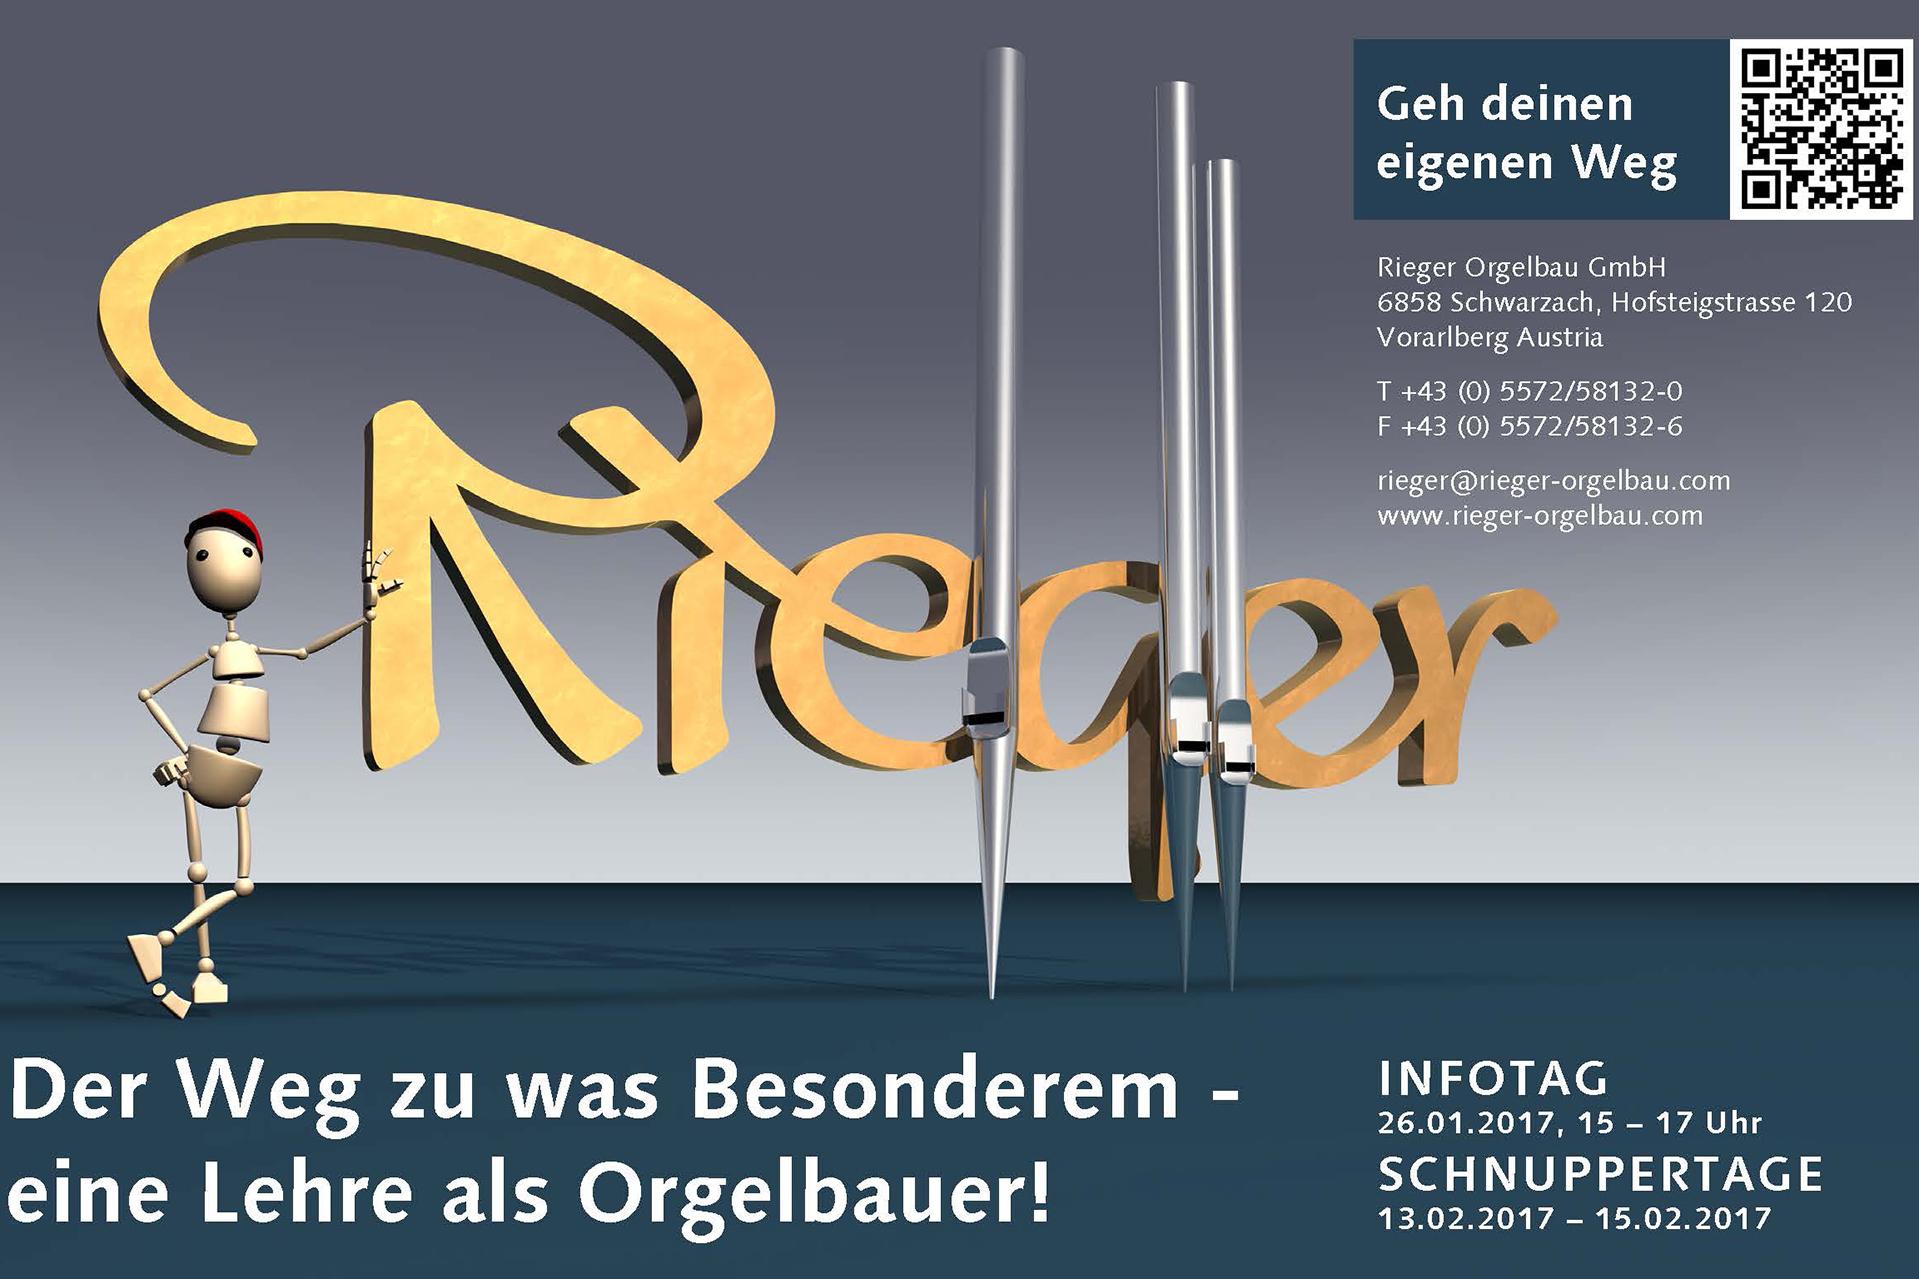 Rieger-Schnuppertag NEWS 2017